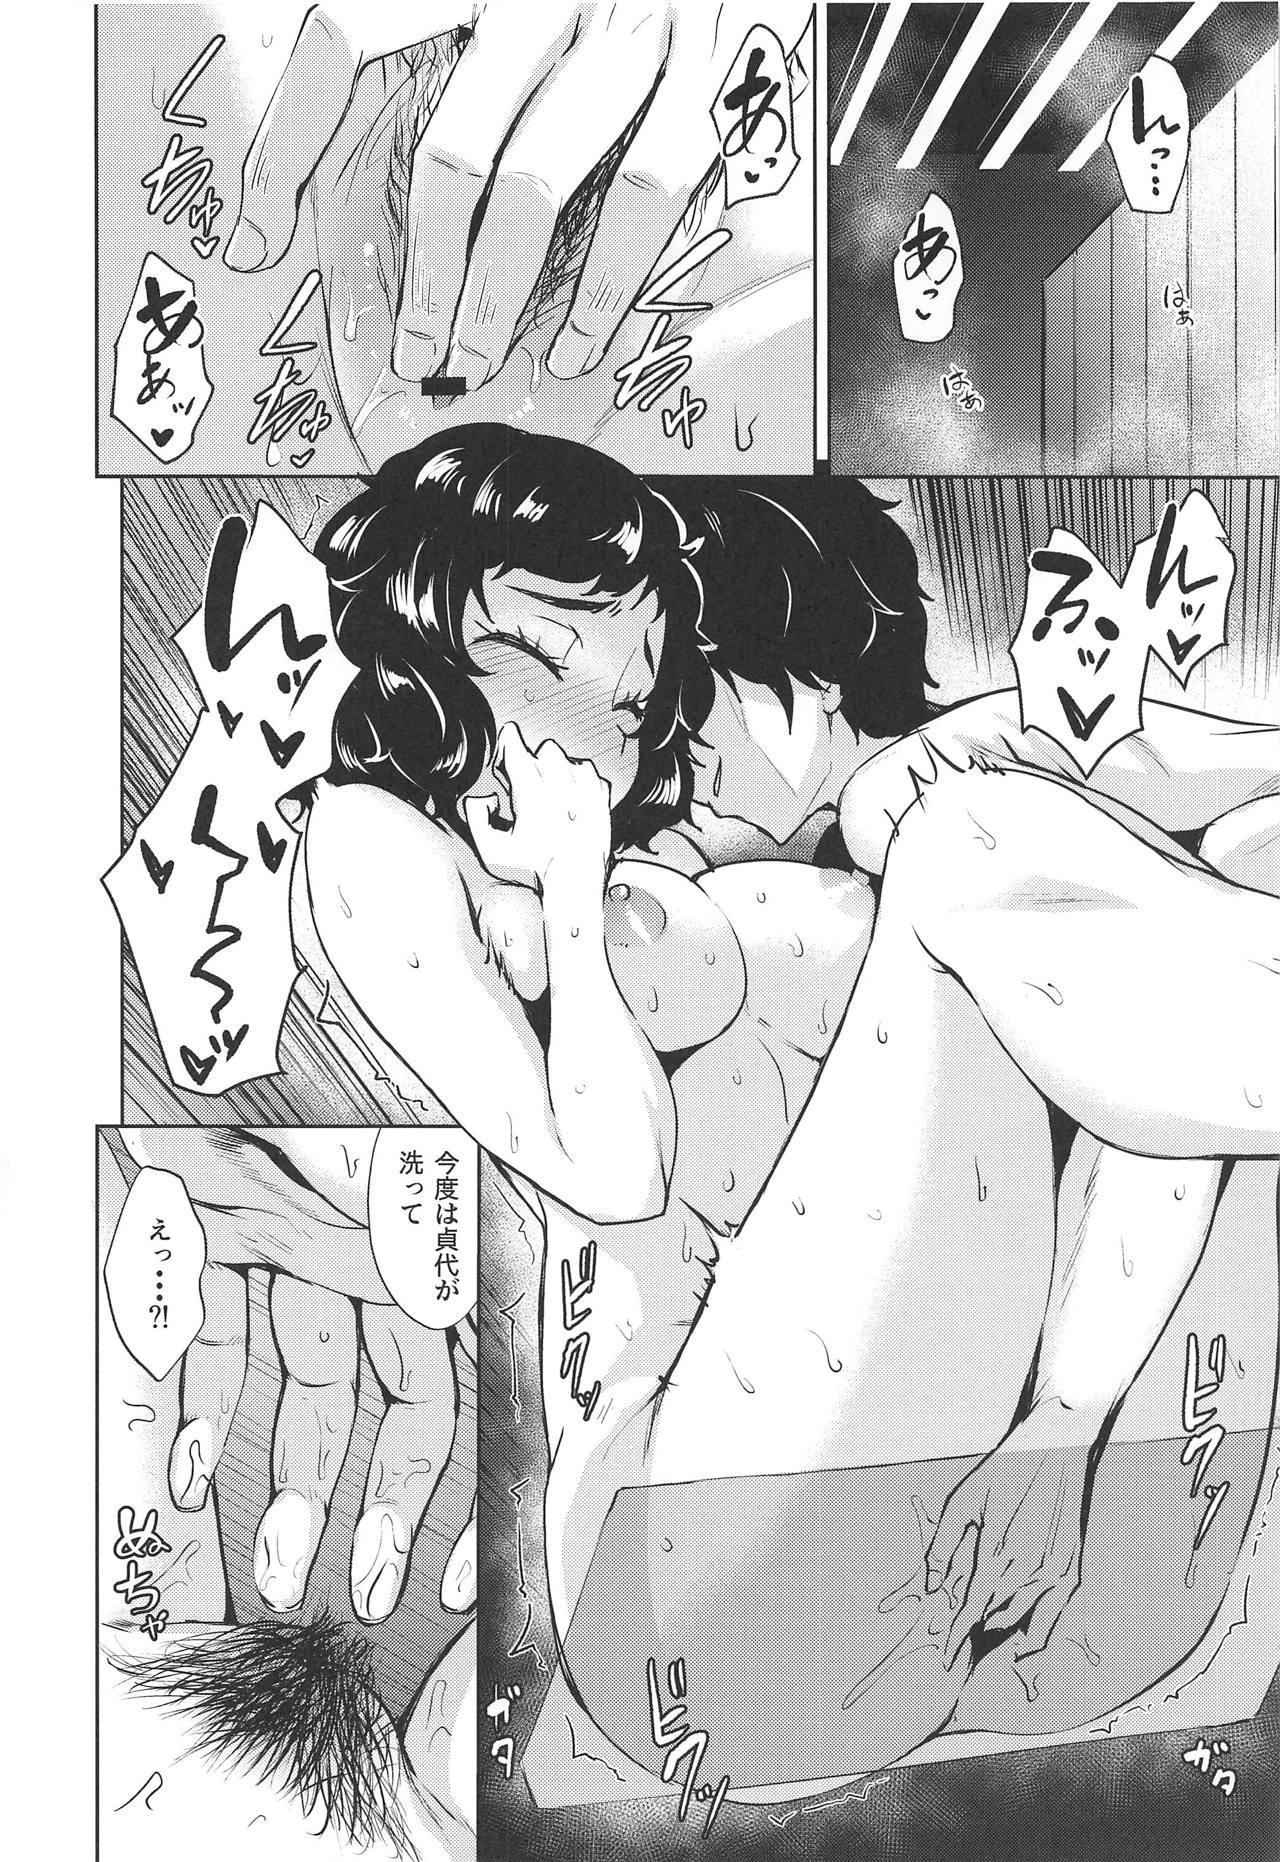 Jitsu wa Kawakami no Hou ga Sessei Dekinai Setsu 8